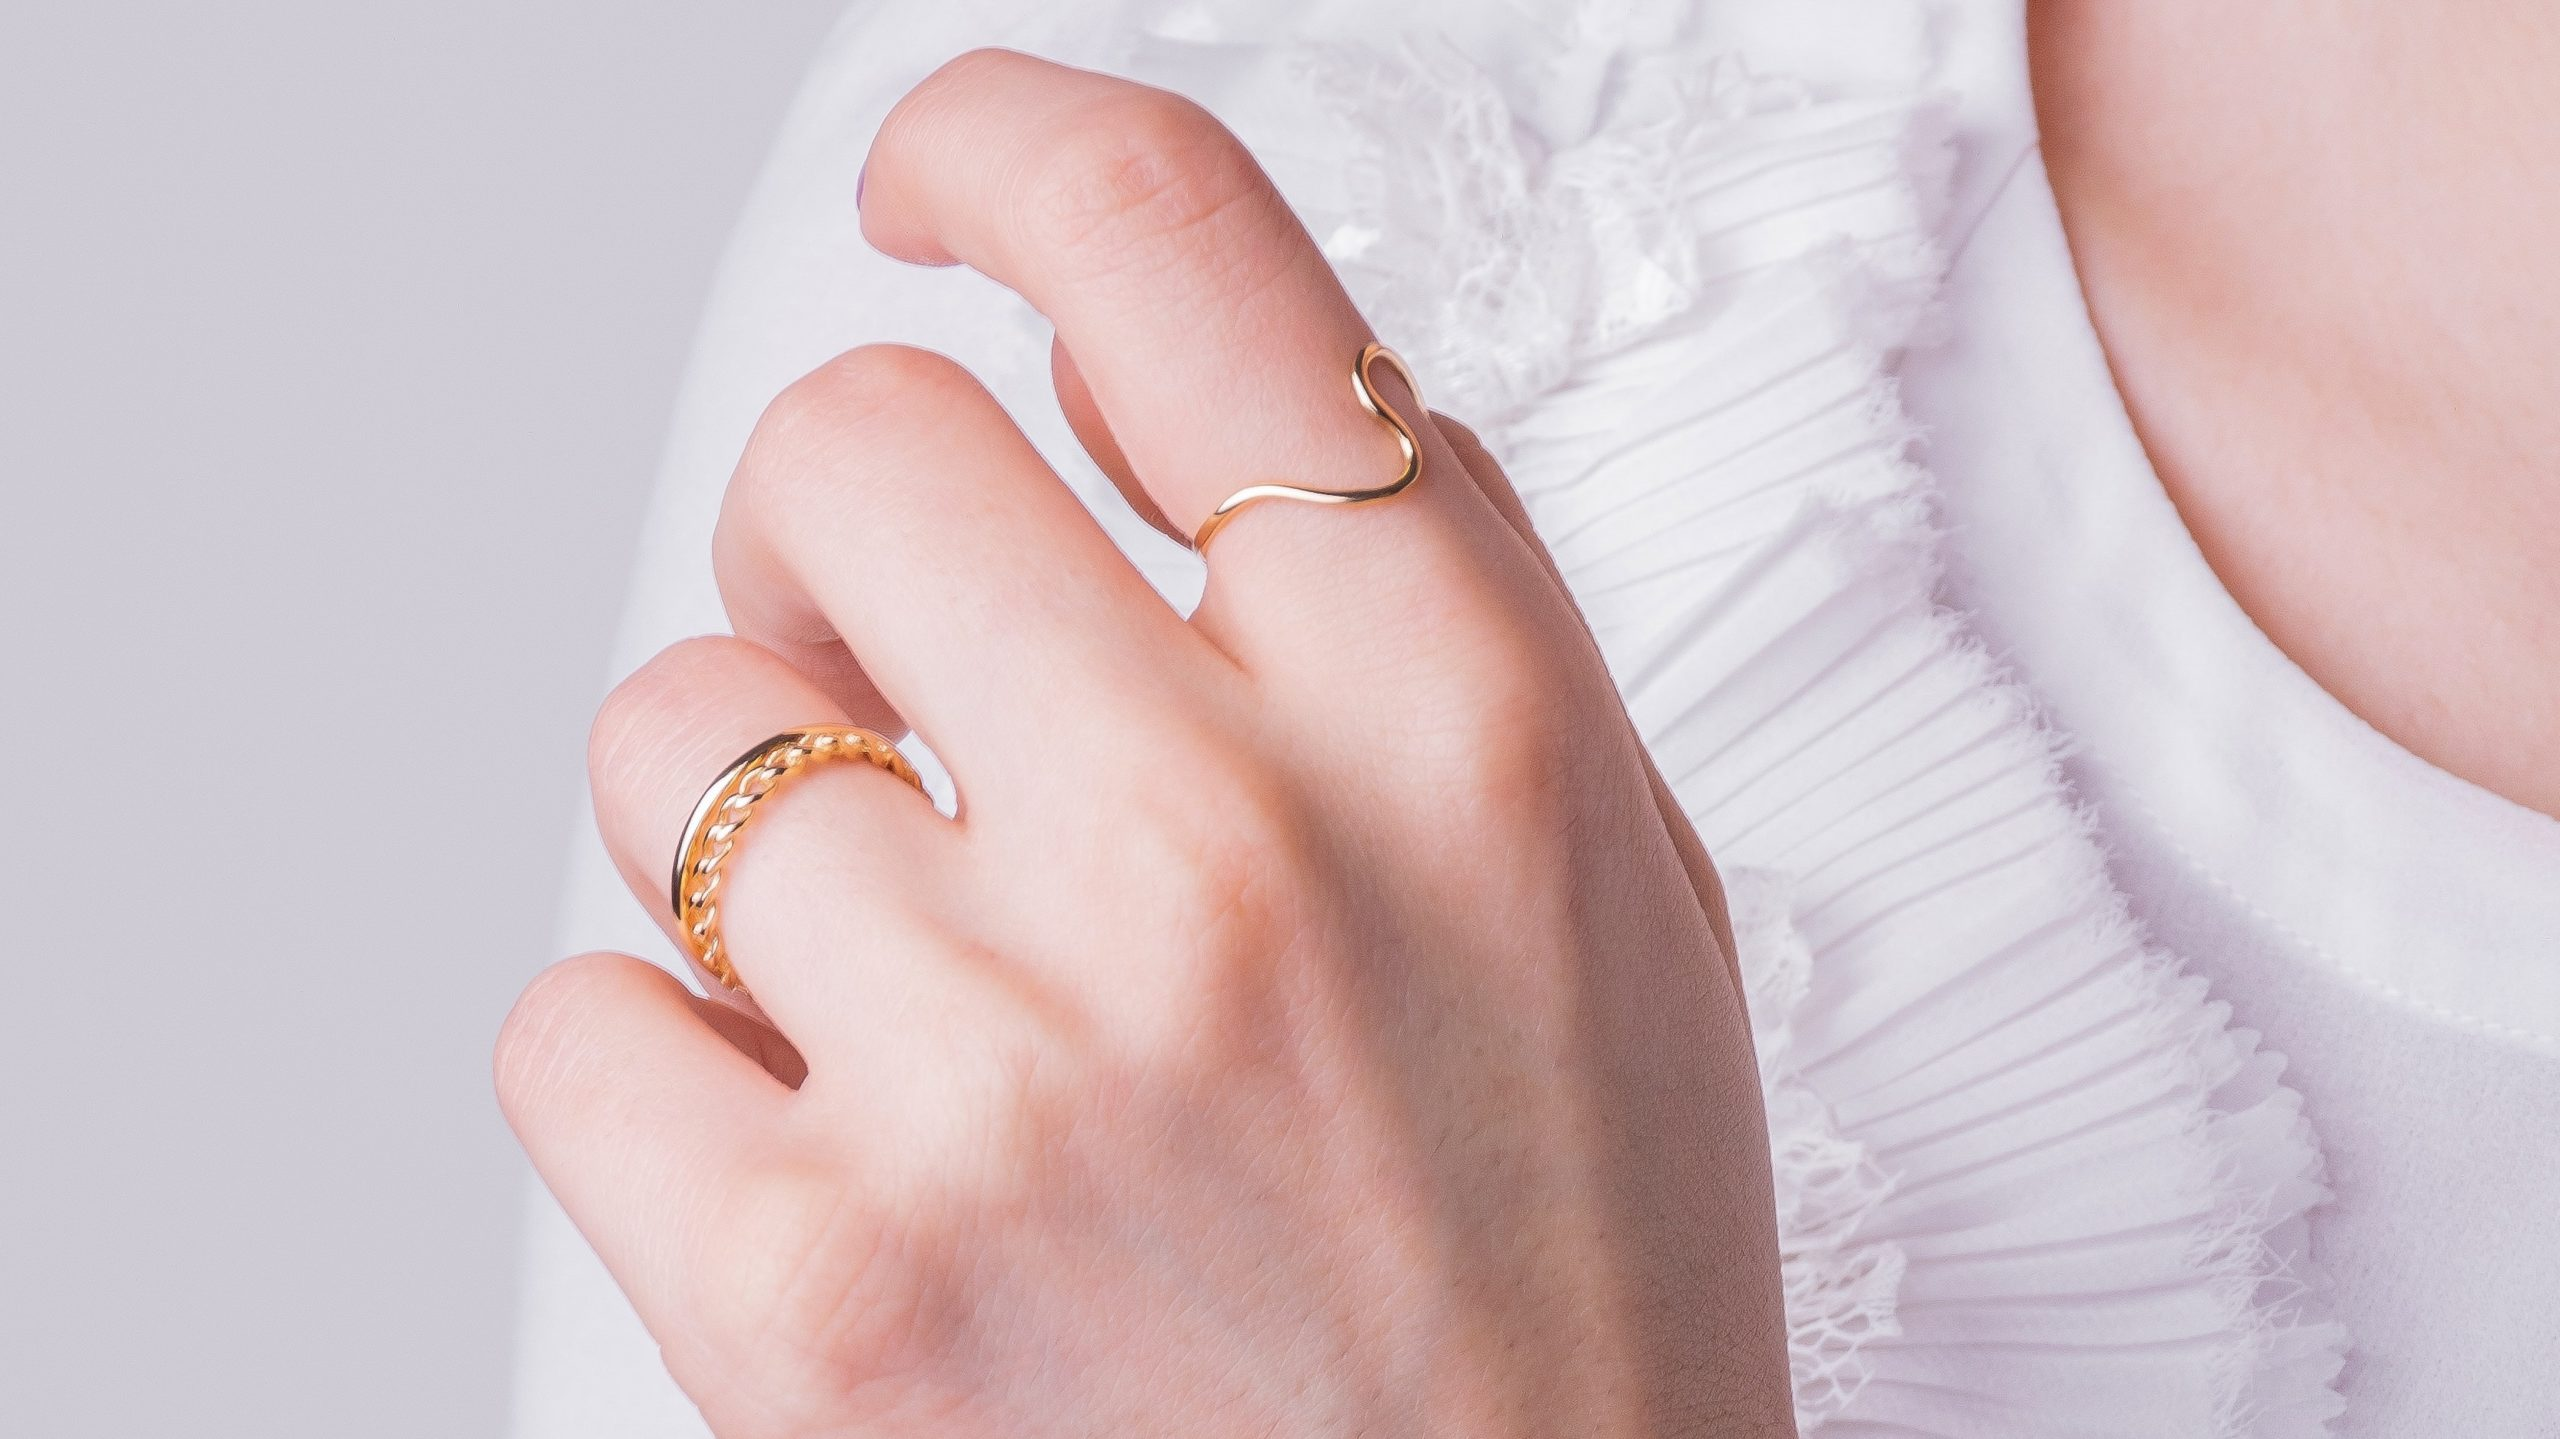 指輪 意味